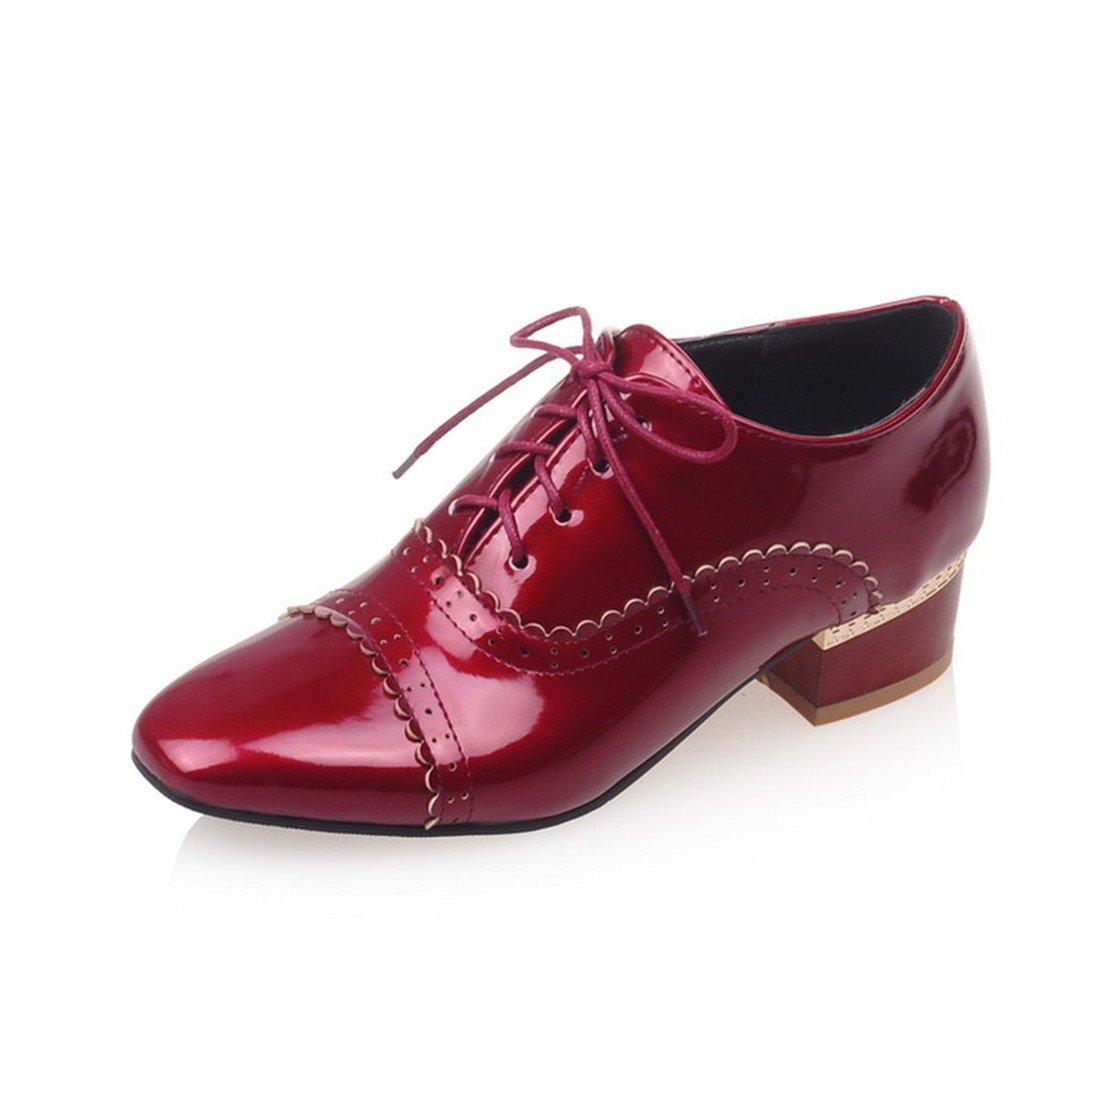 1b7388e2 Sandalette-DEDE Zapatos de Mujer Solteros Zapatos de Solteros Zapatos de Estilo  Europeo y Americano Zapatos Individuales de Gran Tamaño Salvajes:  Amazon.es: ...